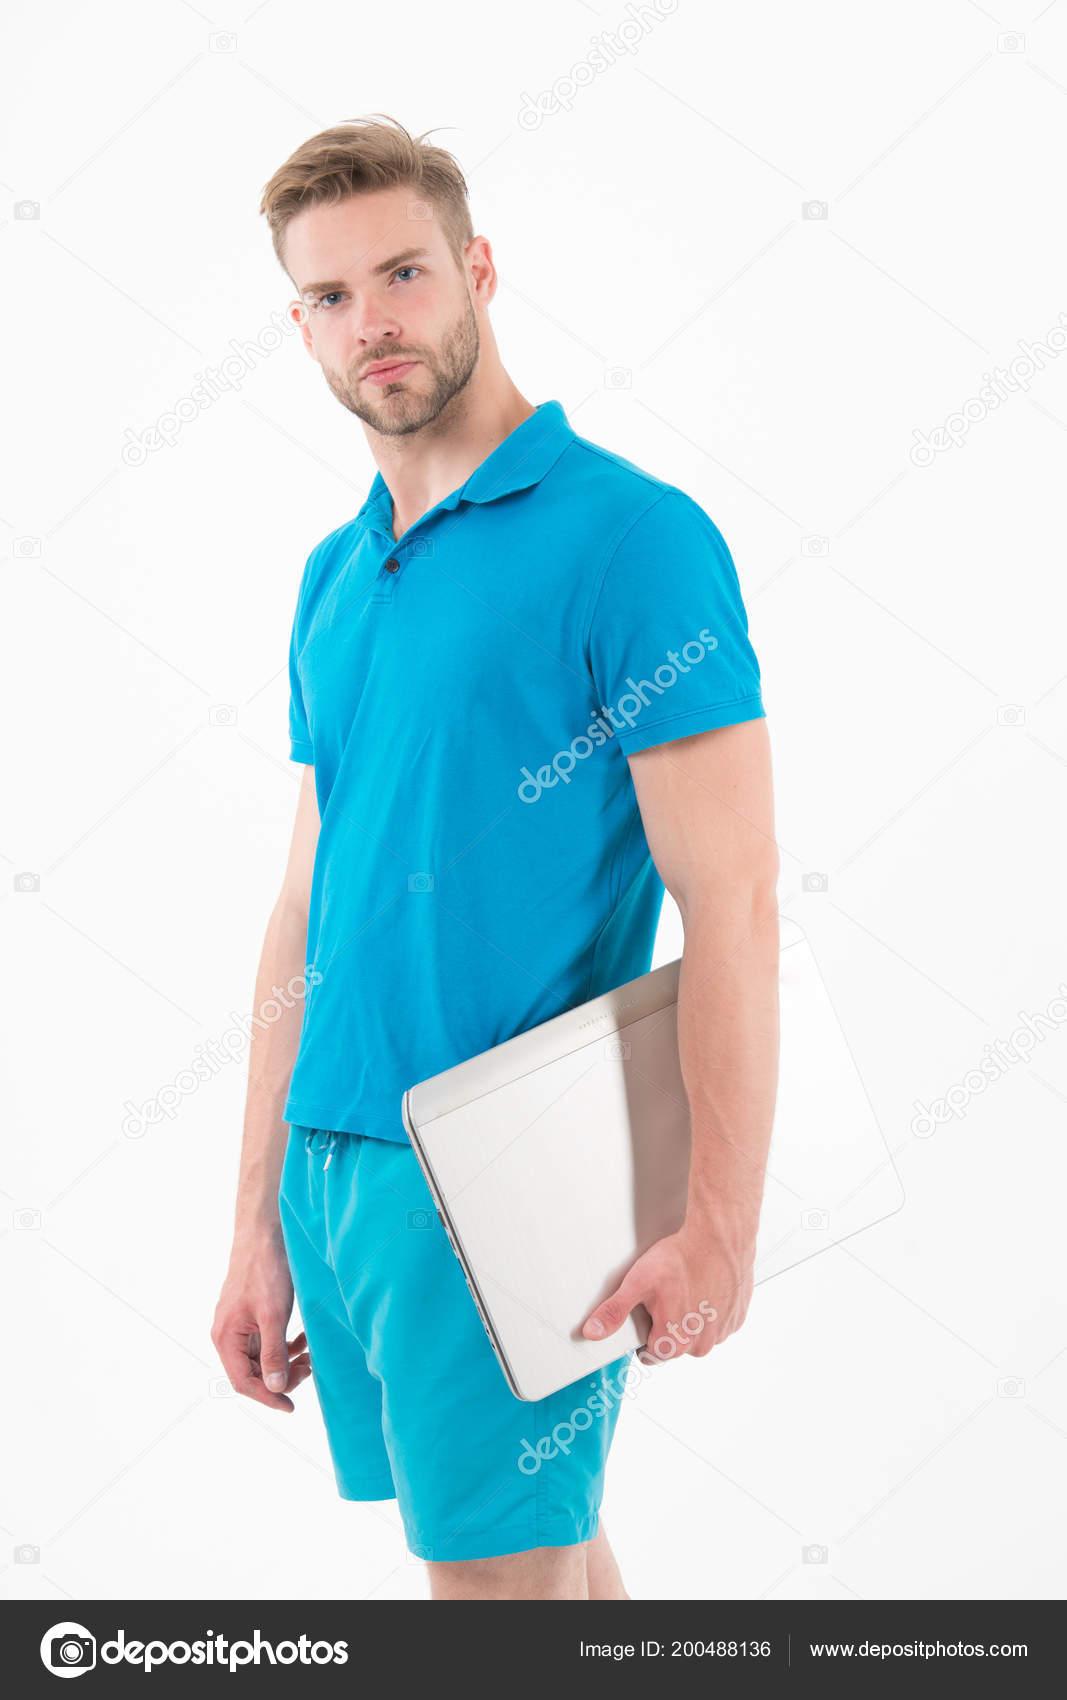 27f22b7e6f8fc ... vêtements de sport bleu isolé sur blanc. Homme avec ordinateur de jeu  internet. Les paris sportifs et jeux d'argent en ligne. Nouvelle technologie  pour ...